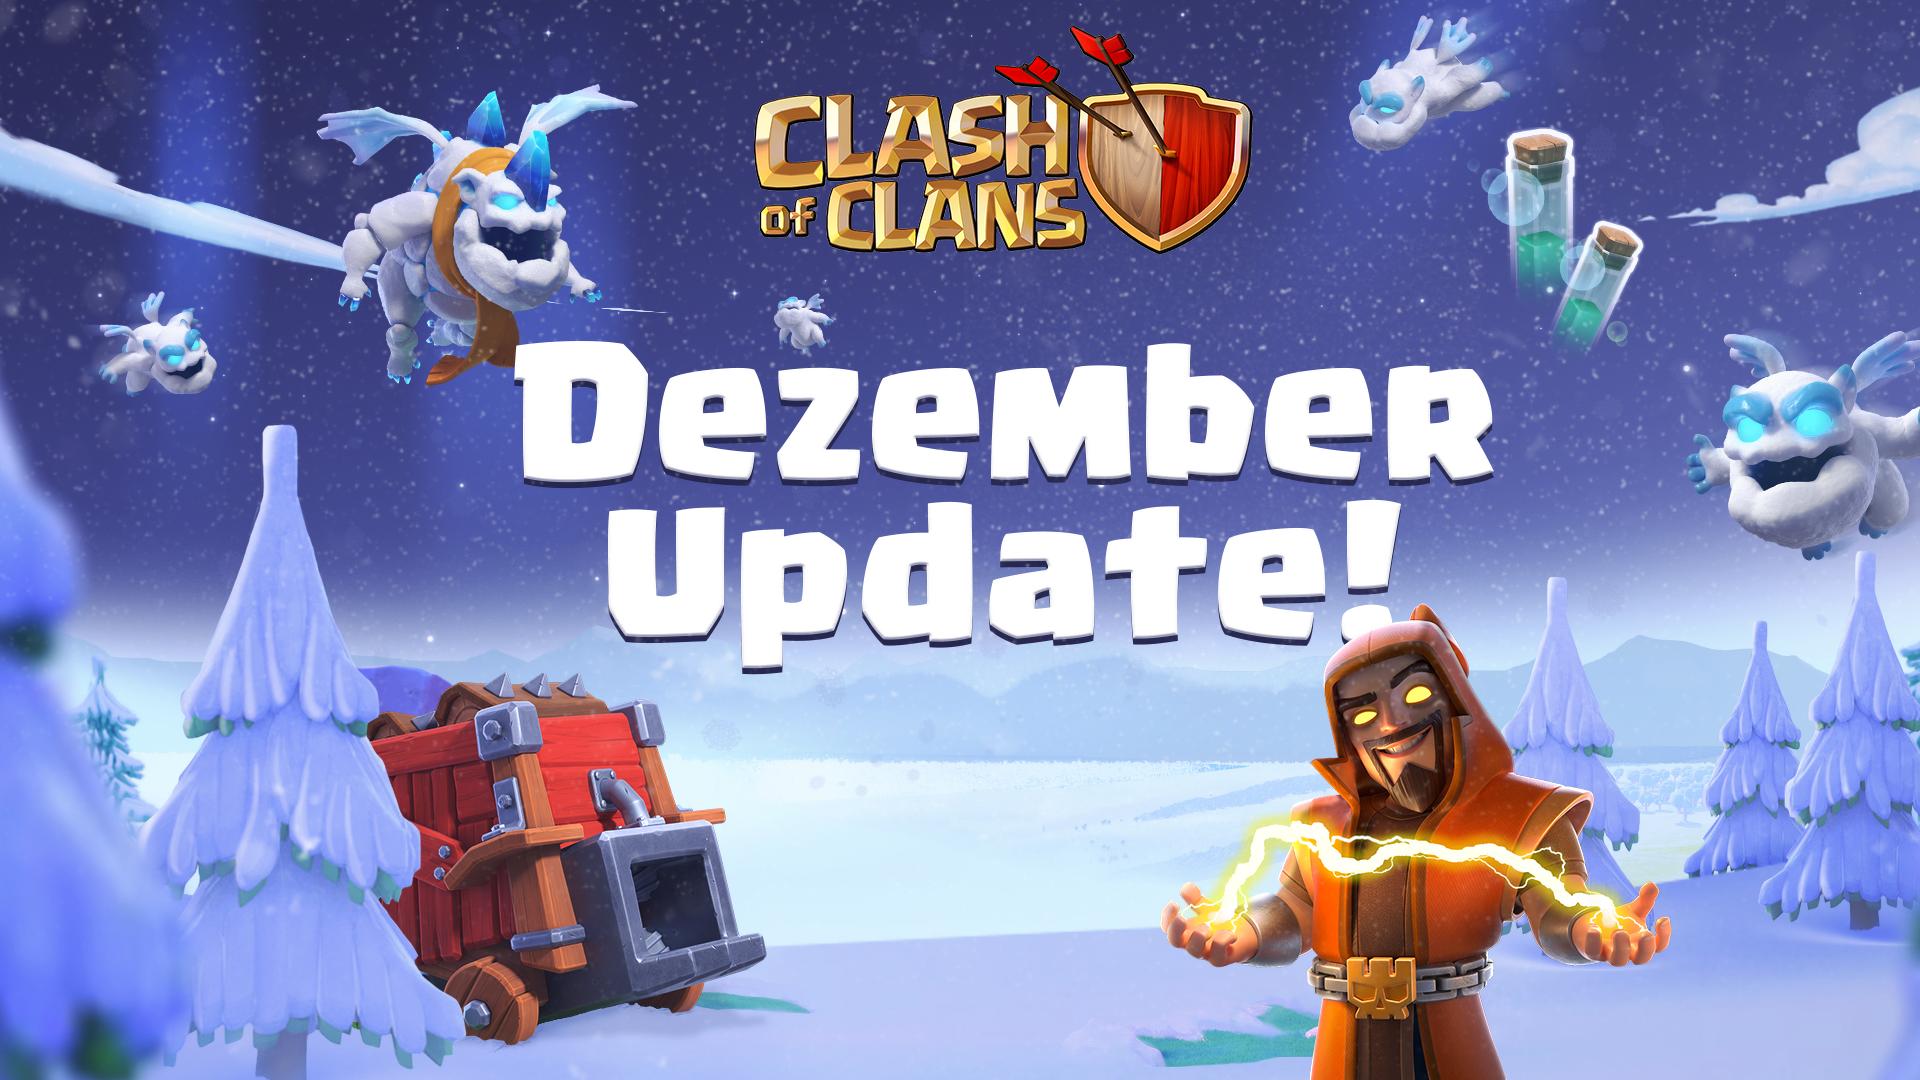 Dezember-Update 2020